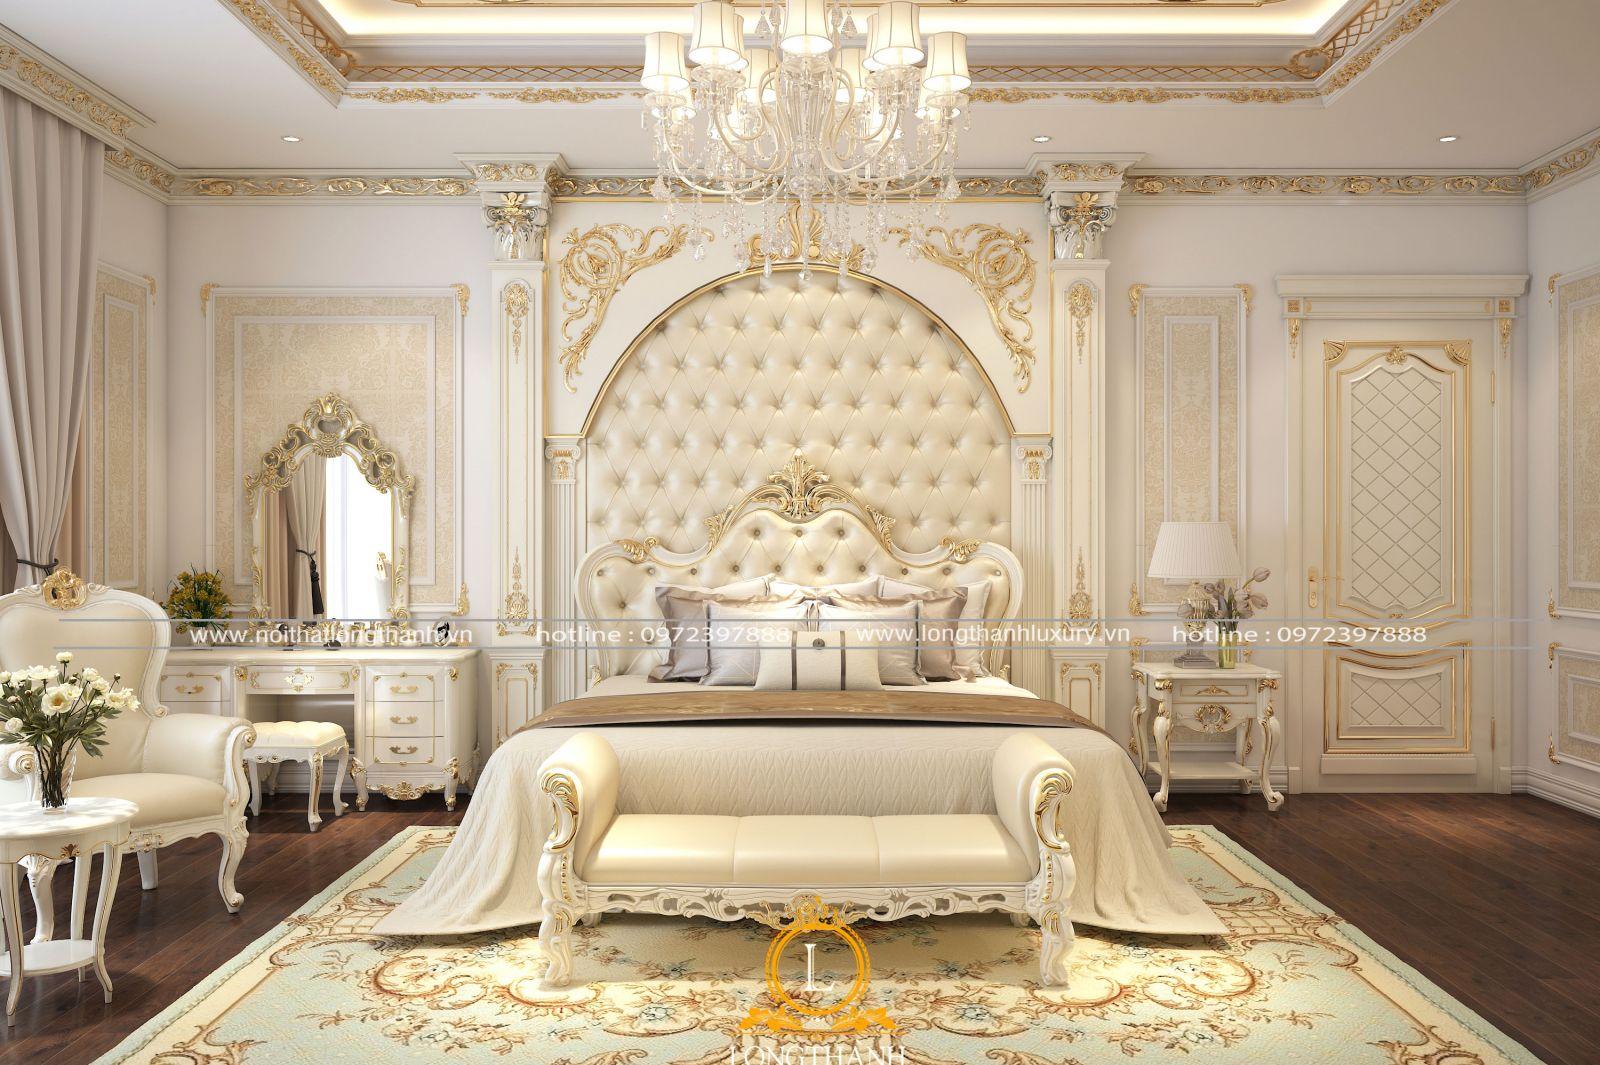 Sang trọng cùng phòng ngủ cao cấp với gam màu trắng sữa